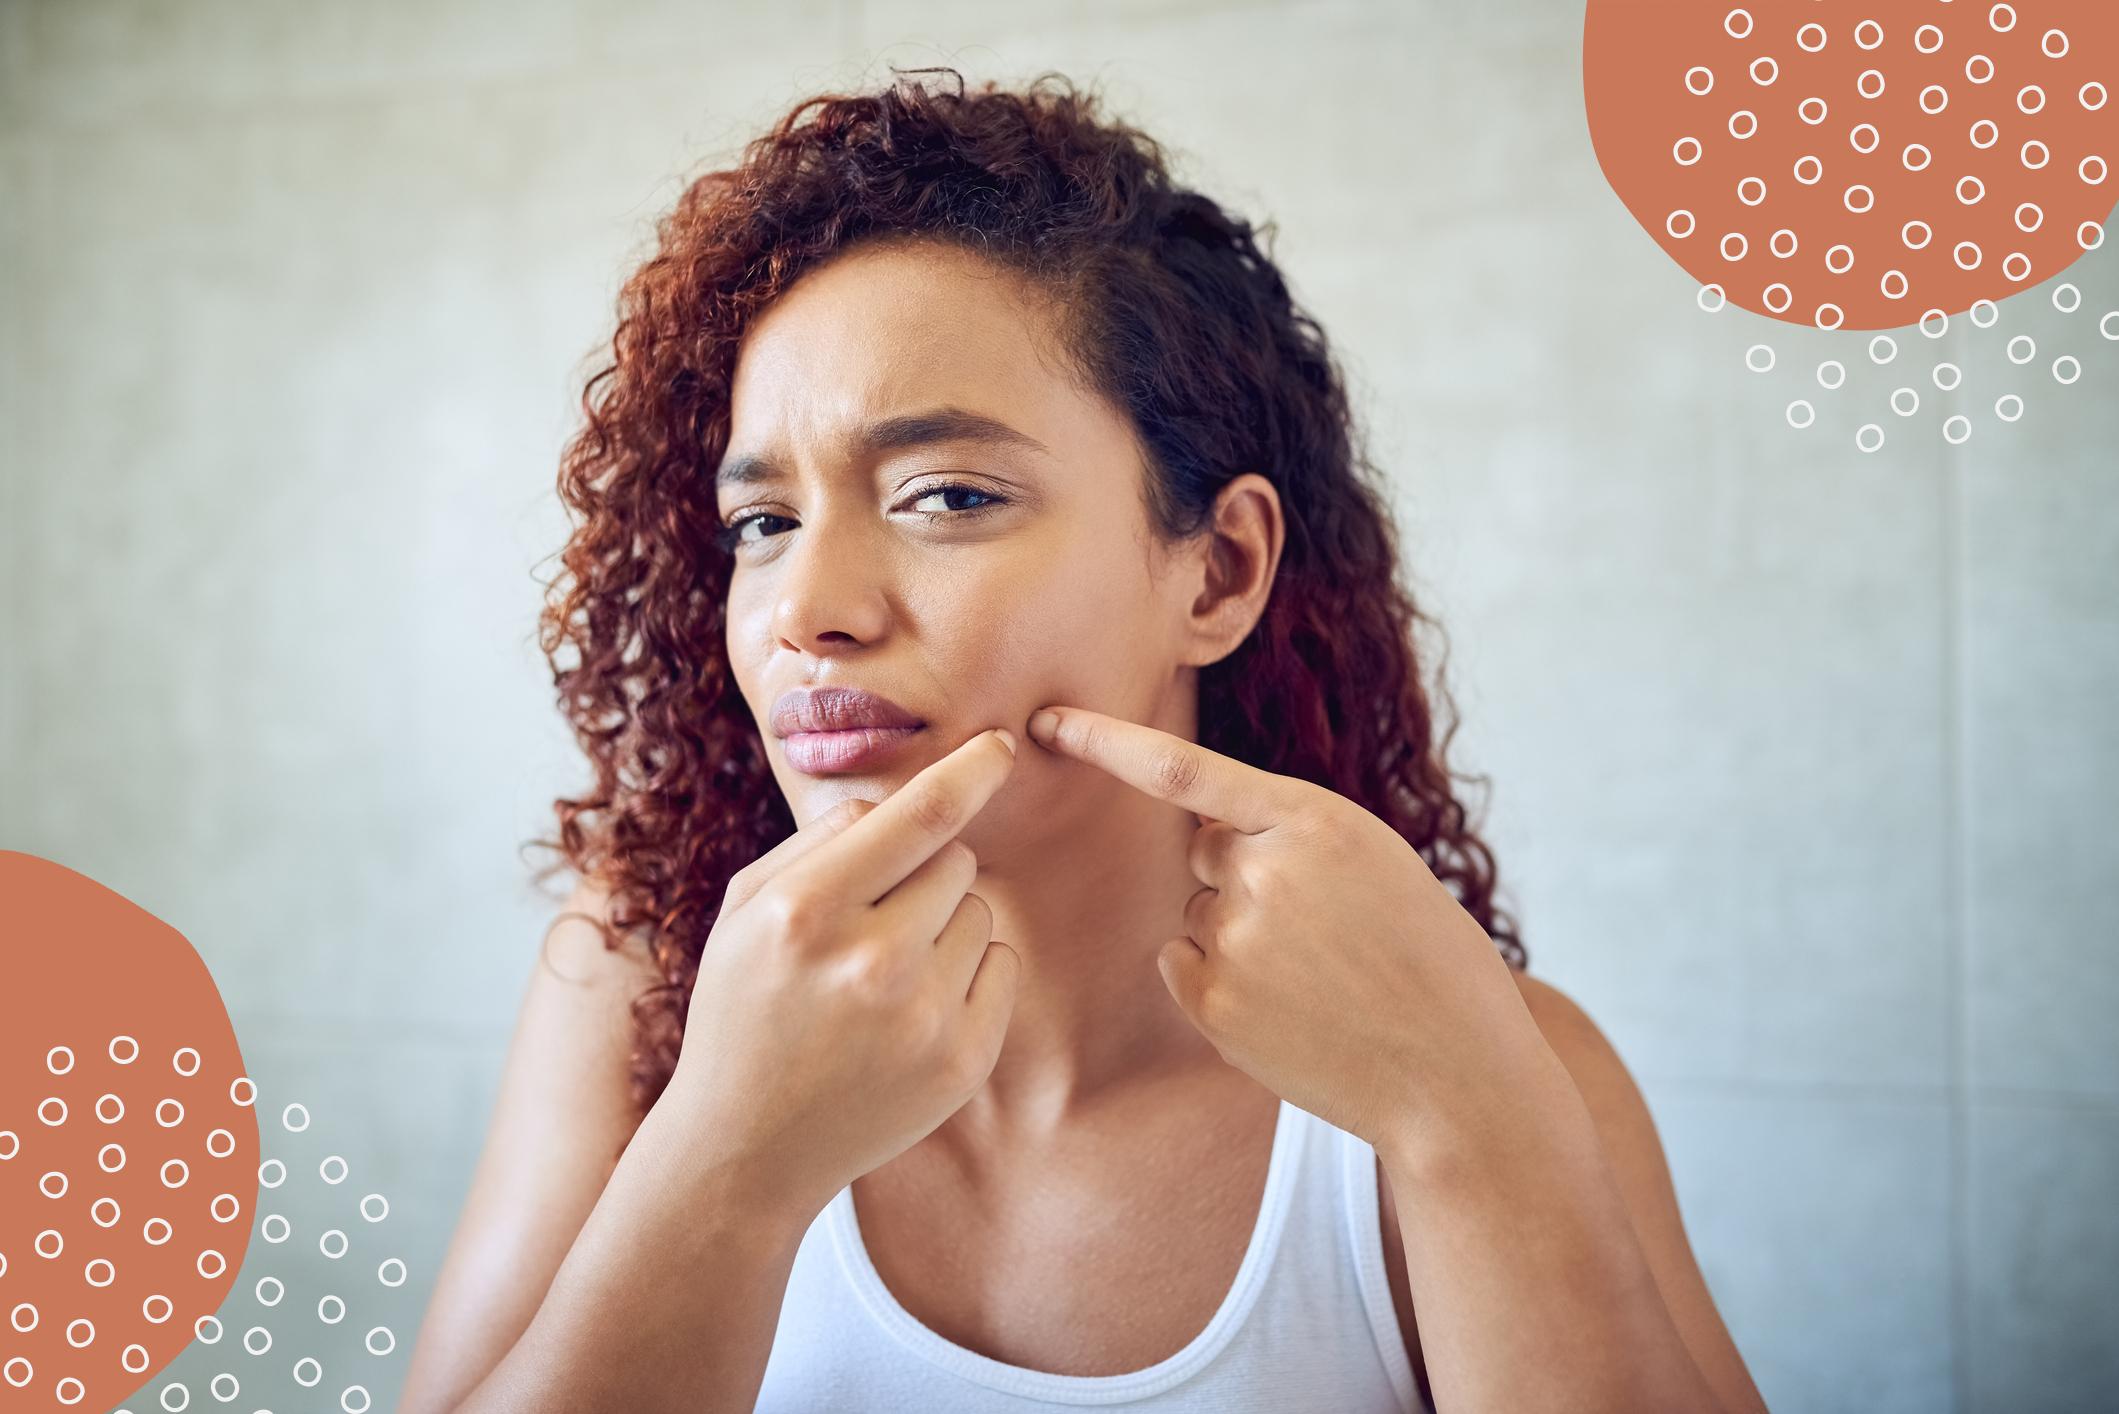 how to shrink pores, can you shrink pores